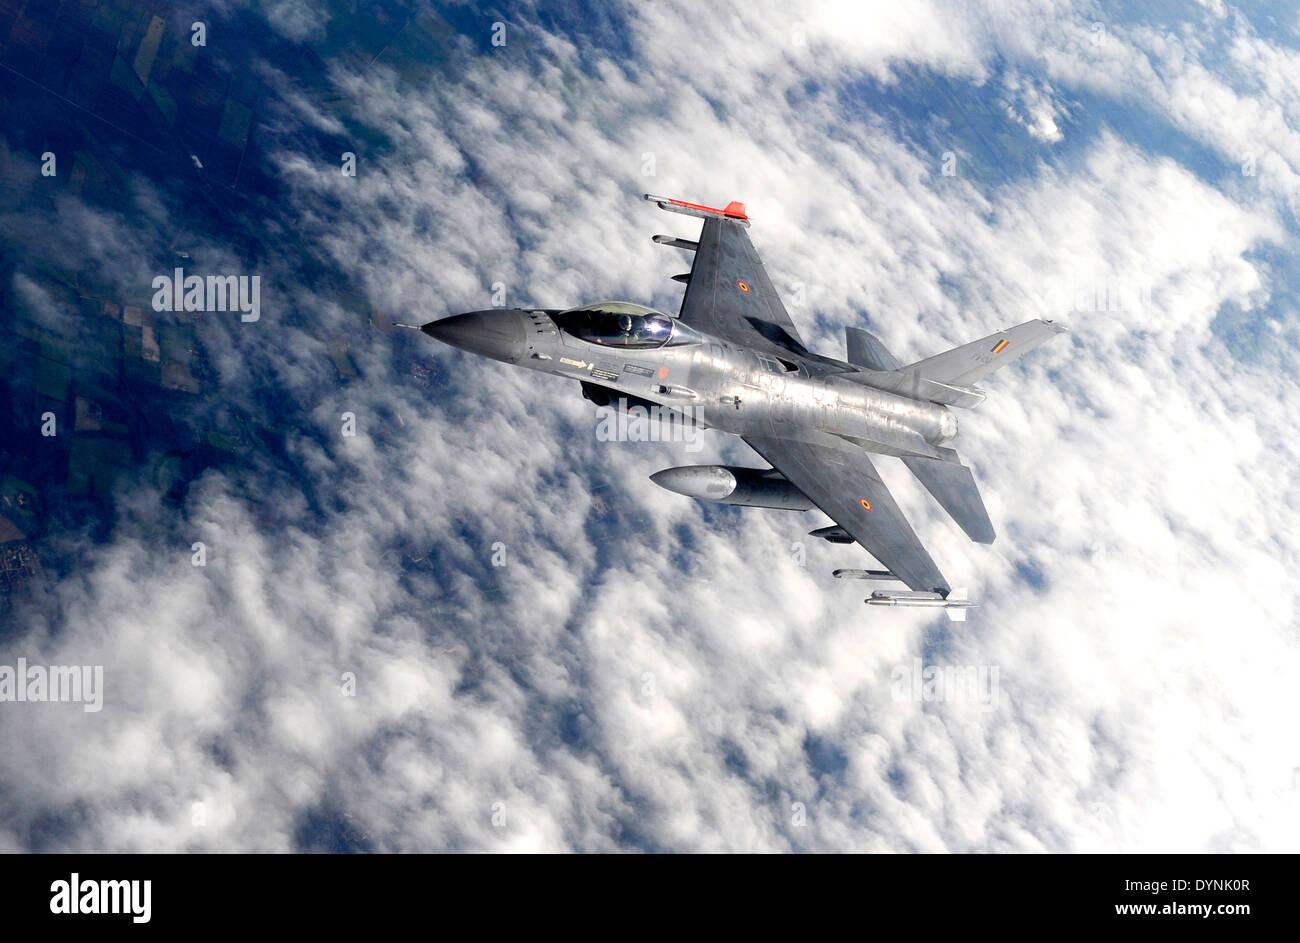 Un F-16 Fighting Falcon lors de l'exercice Brilliant Arrow 21 septembre 2011 sur l'Allemagne. Banque D'Images